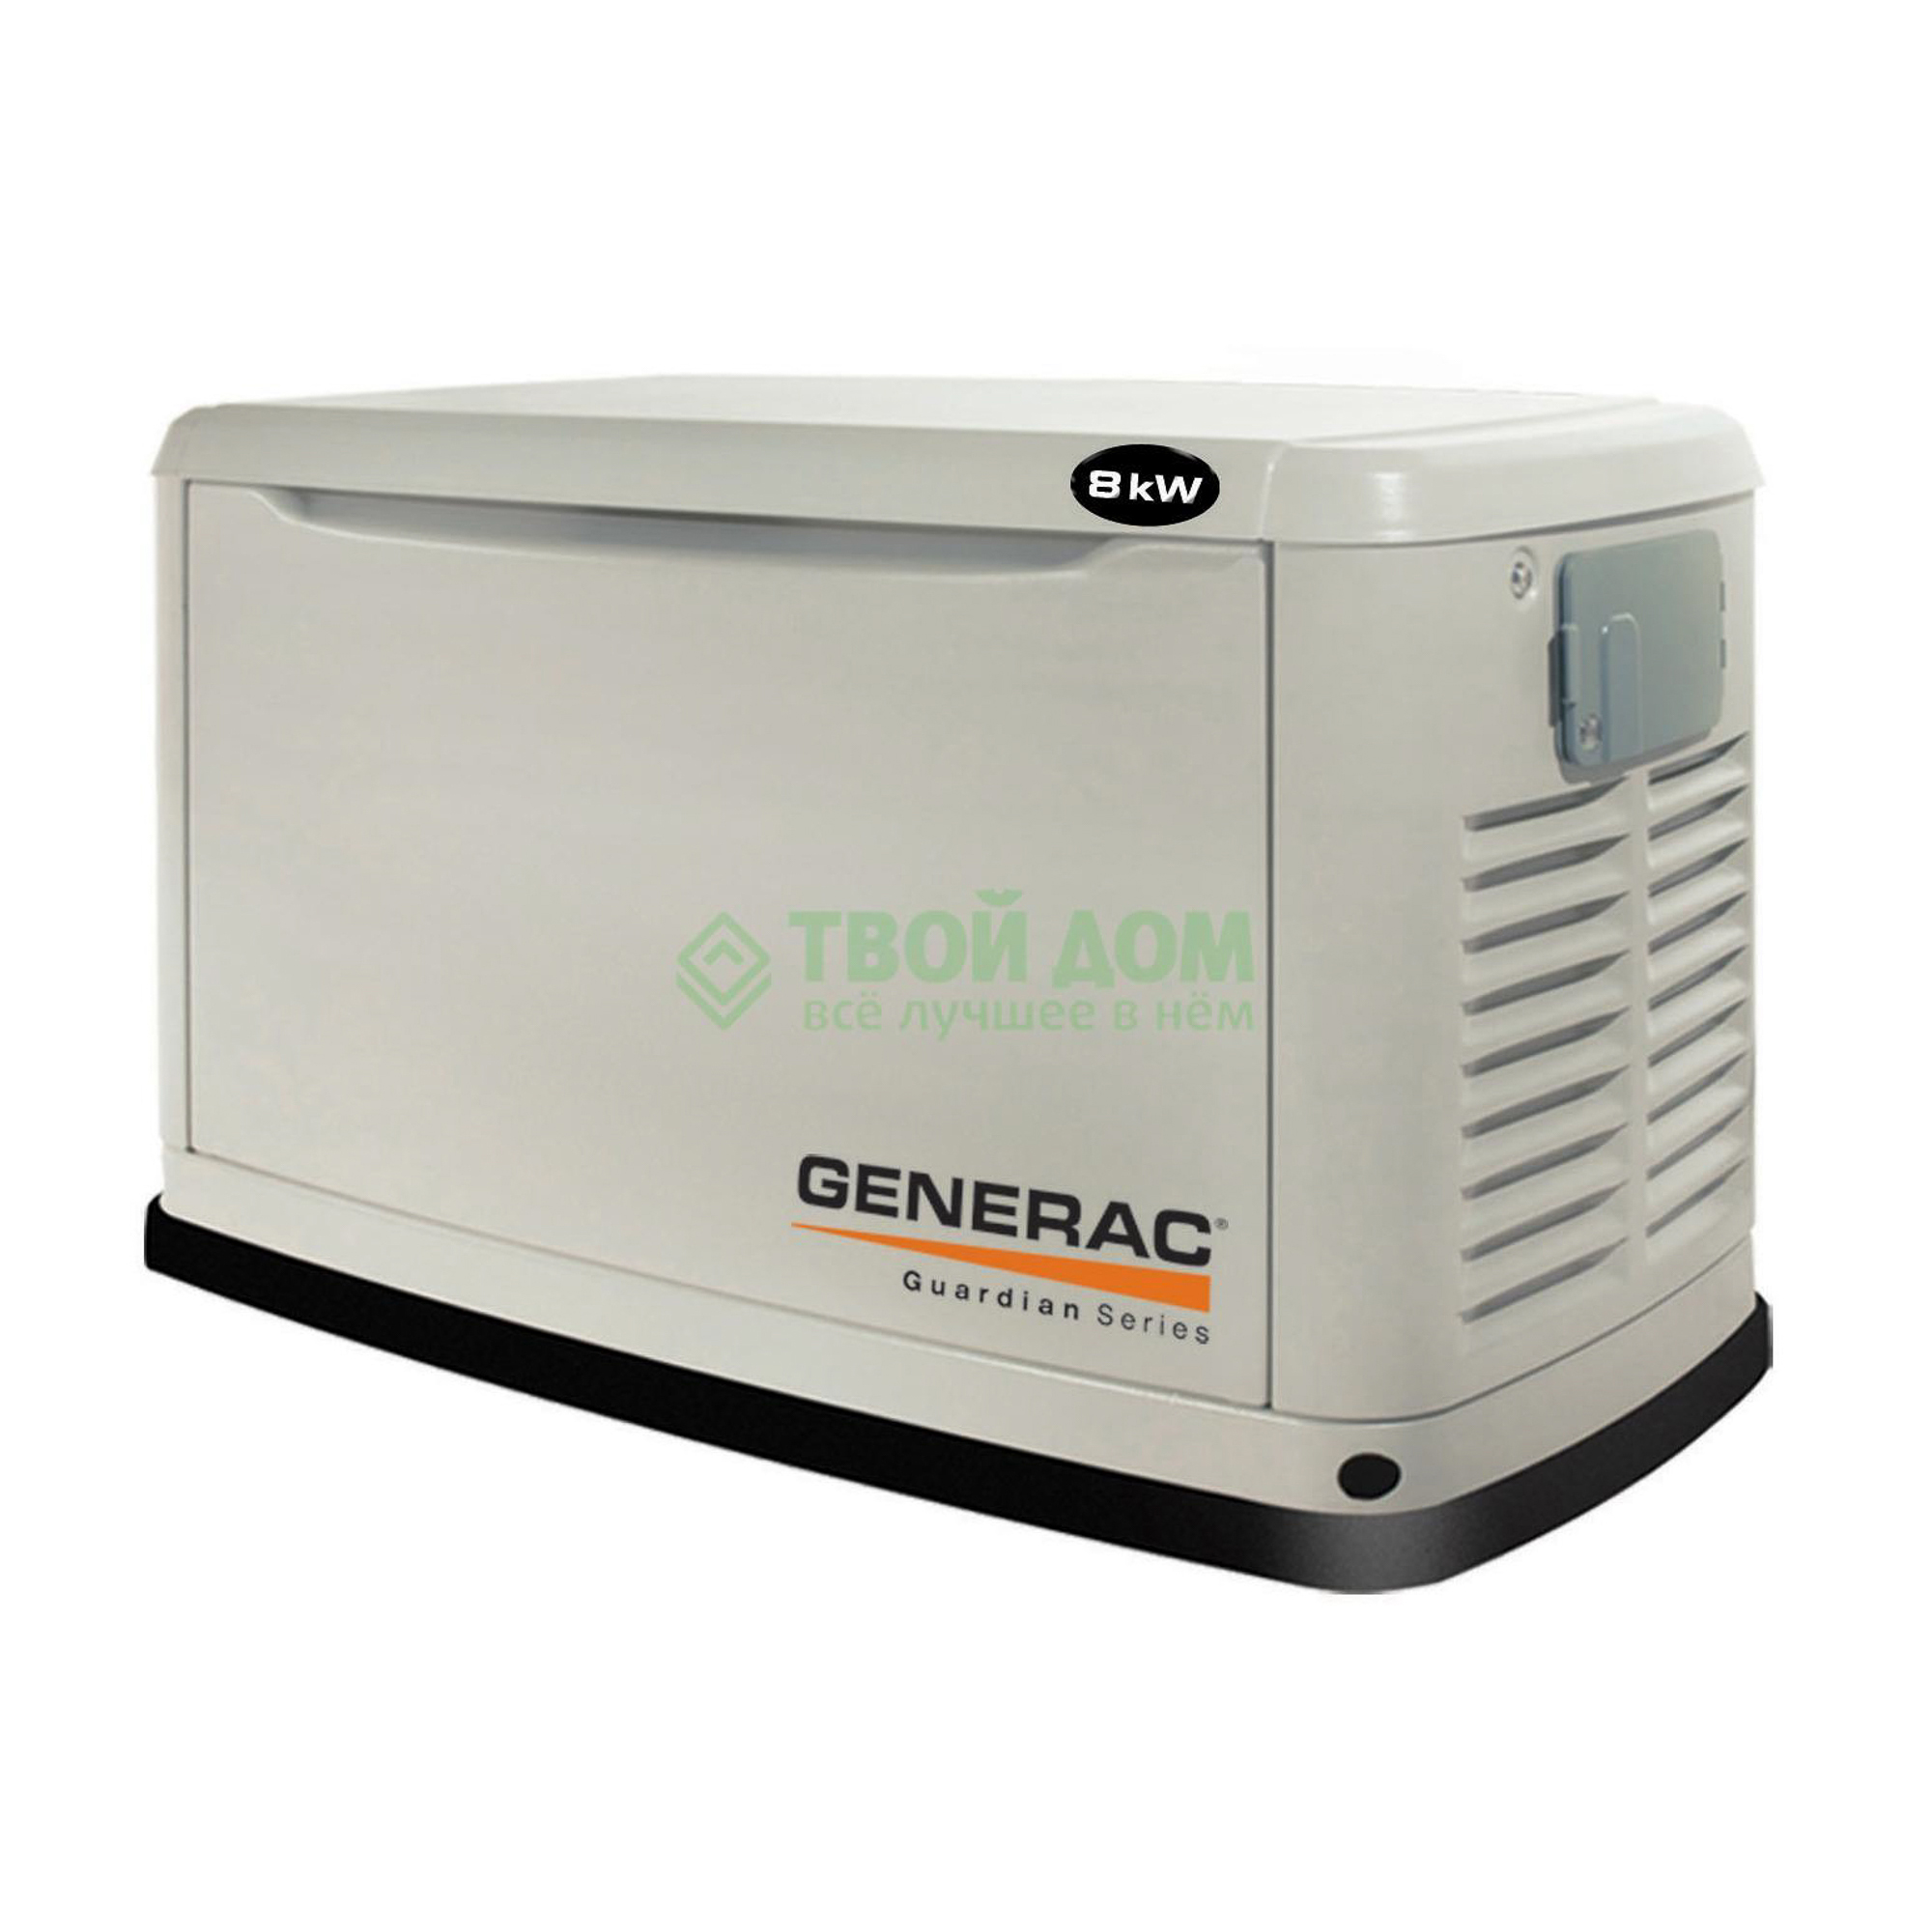 Купить Газовый генератор Generac 5914, Германия